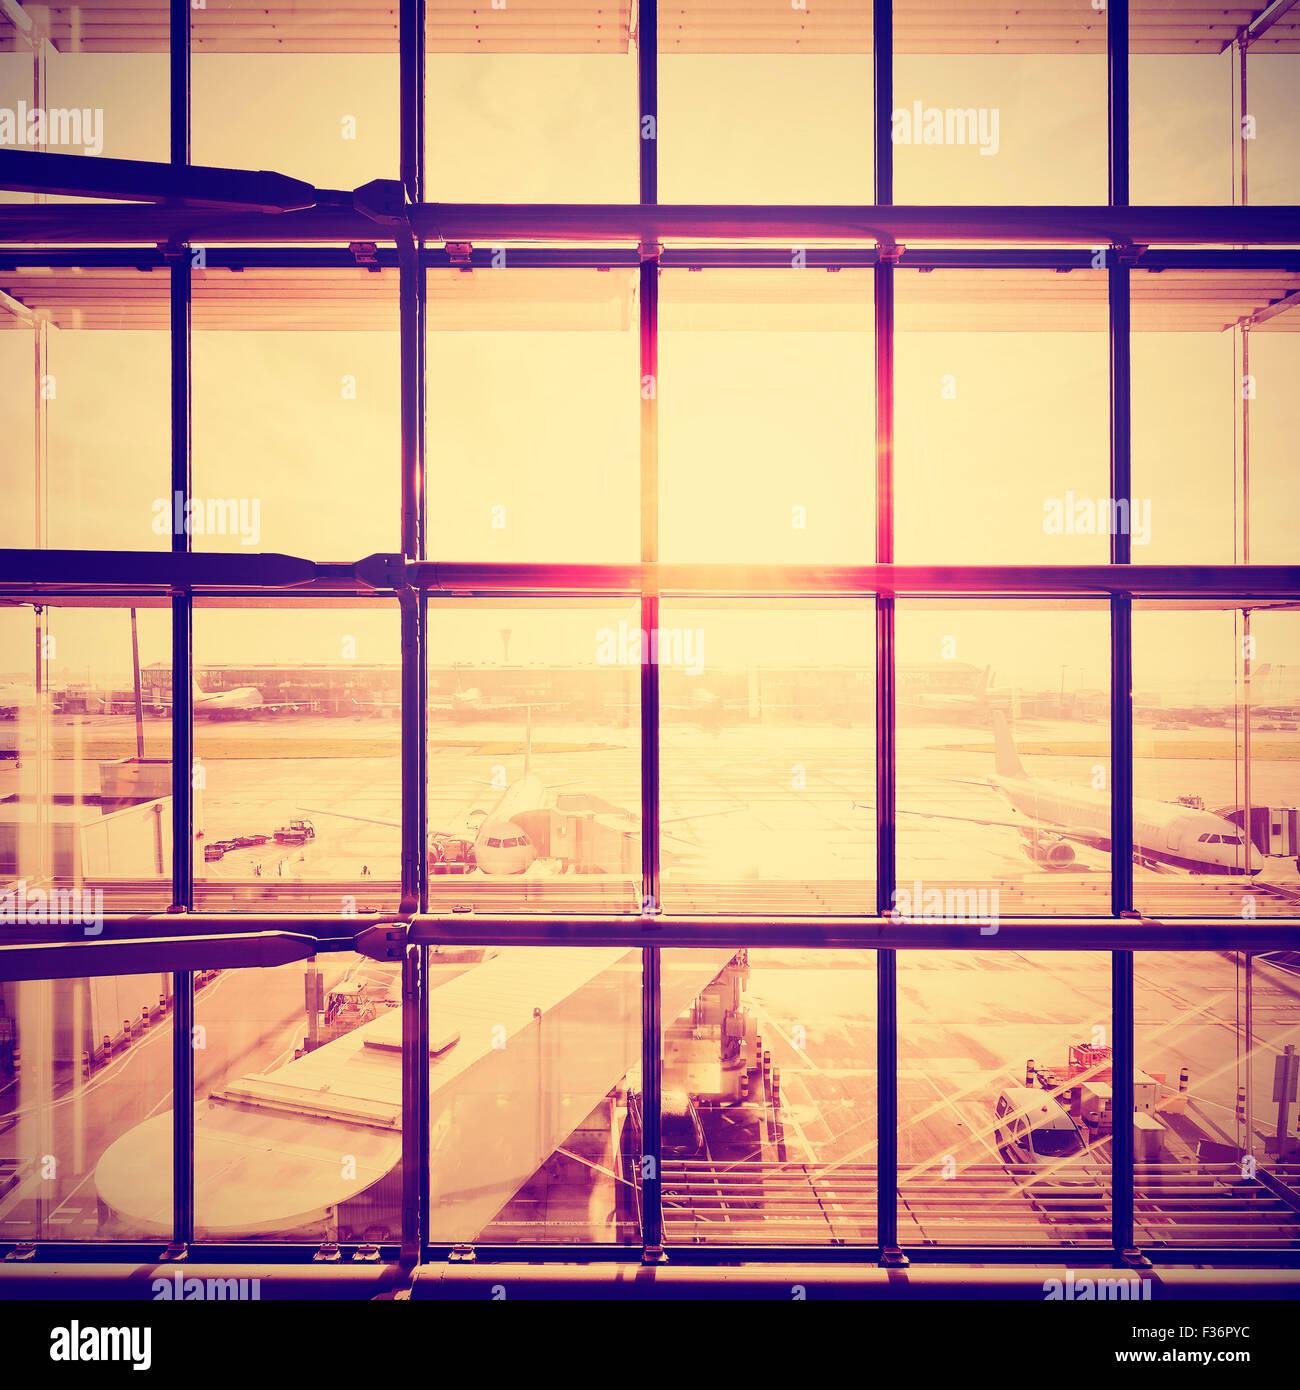 Instagram stilisierte Bild von einem Flughafen, Transport und Geschäft Reisen Konzept. Stockbild